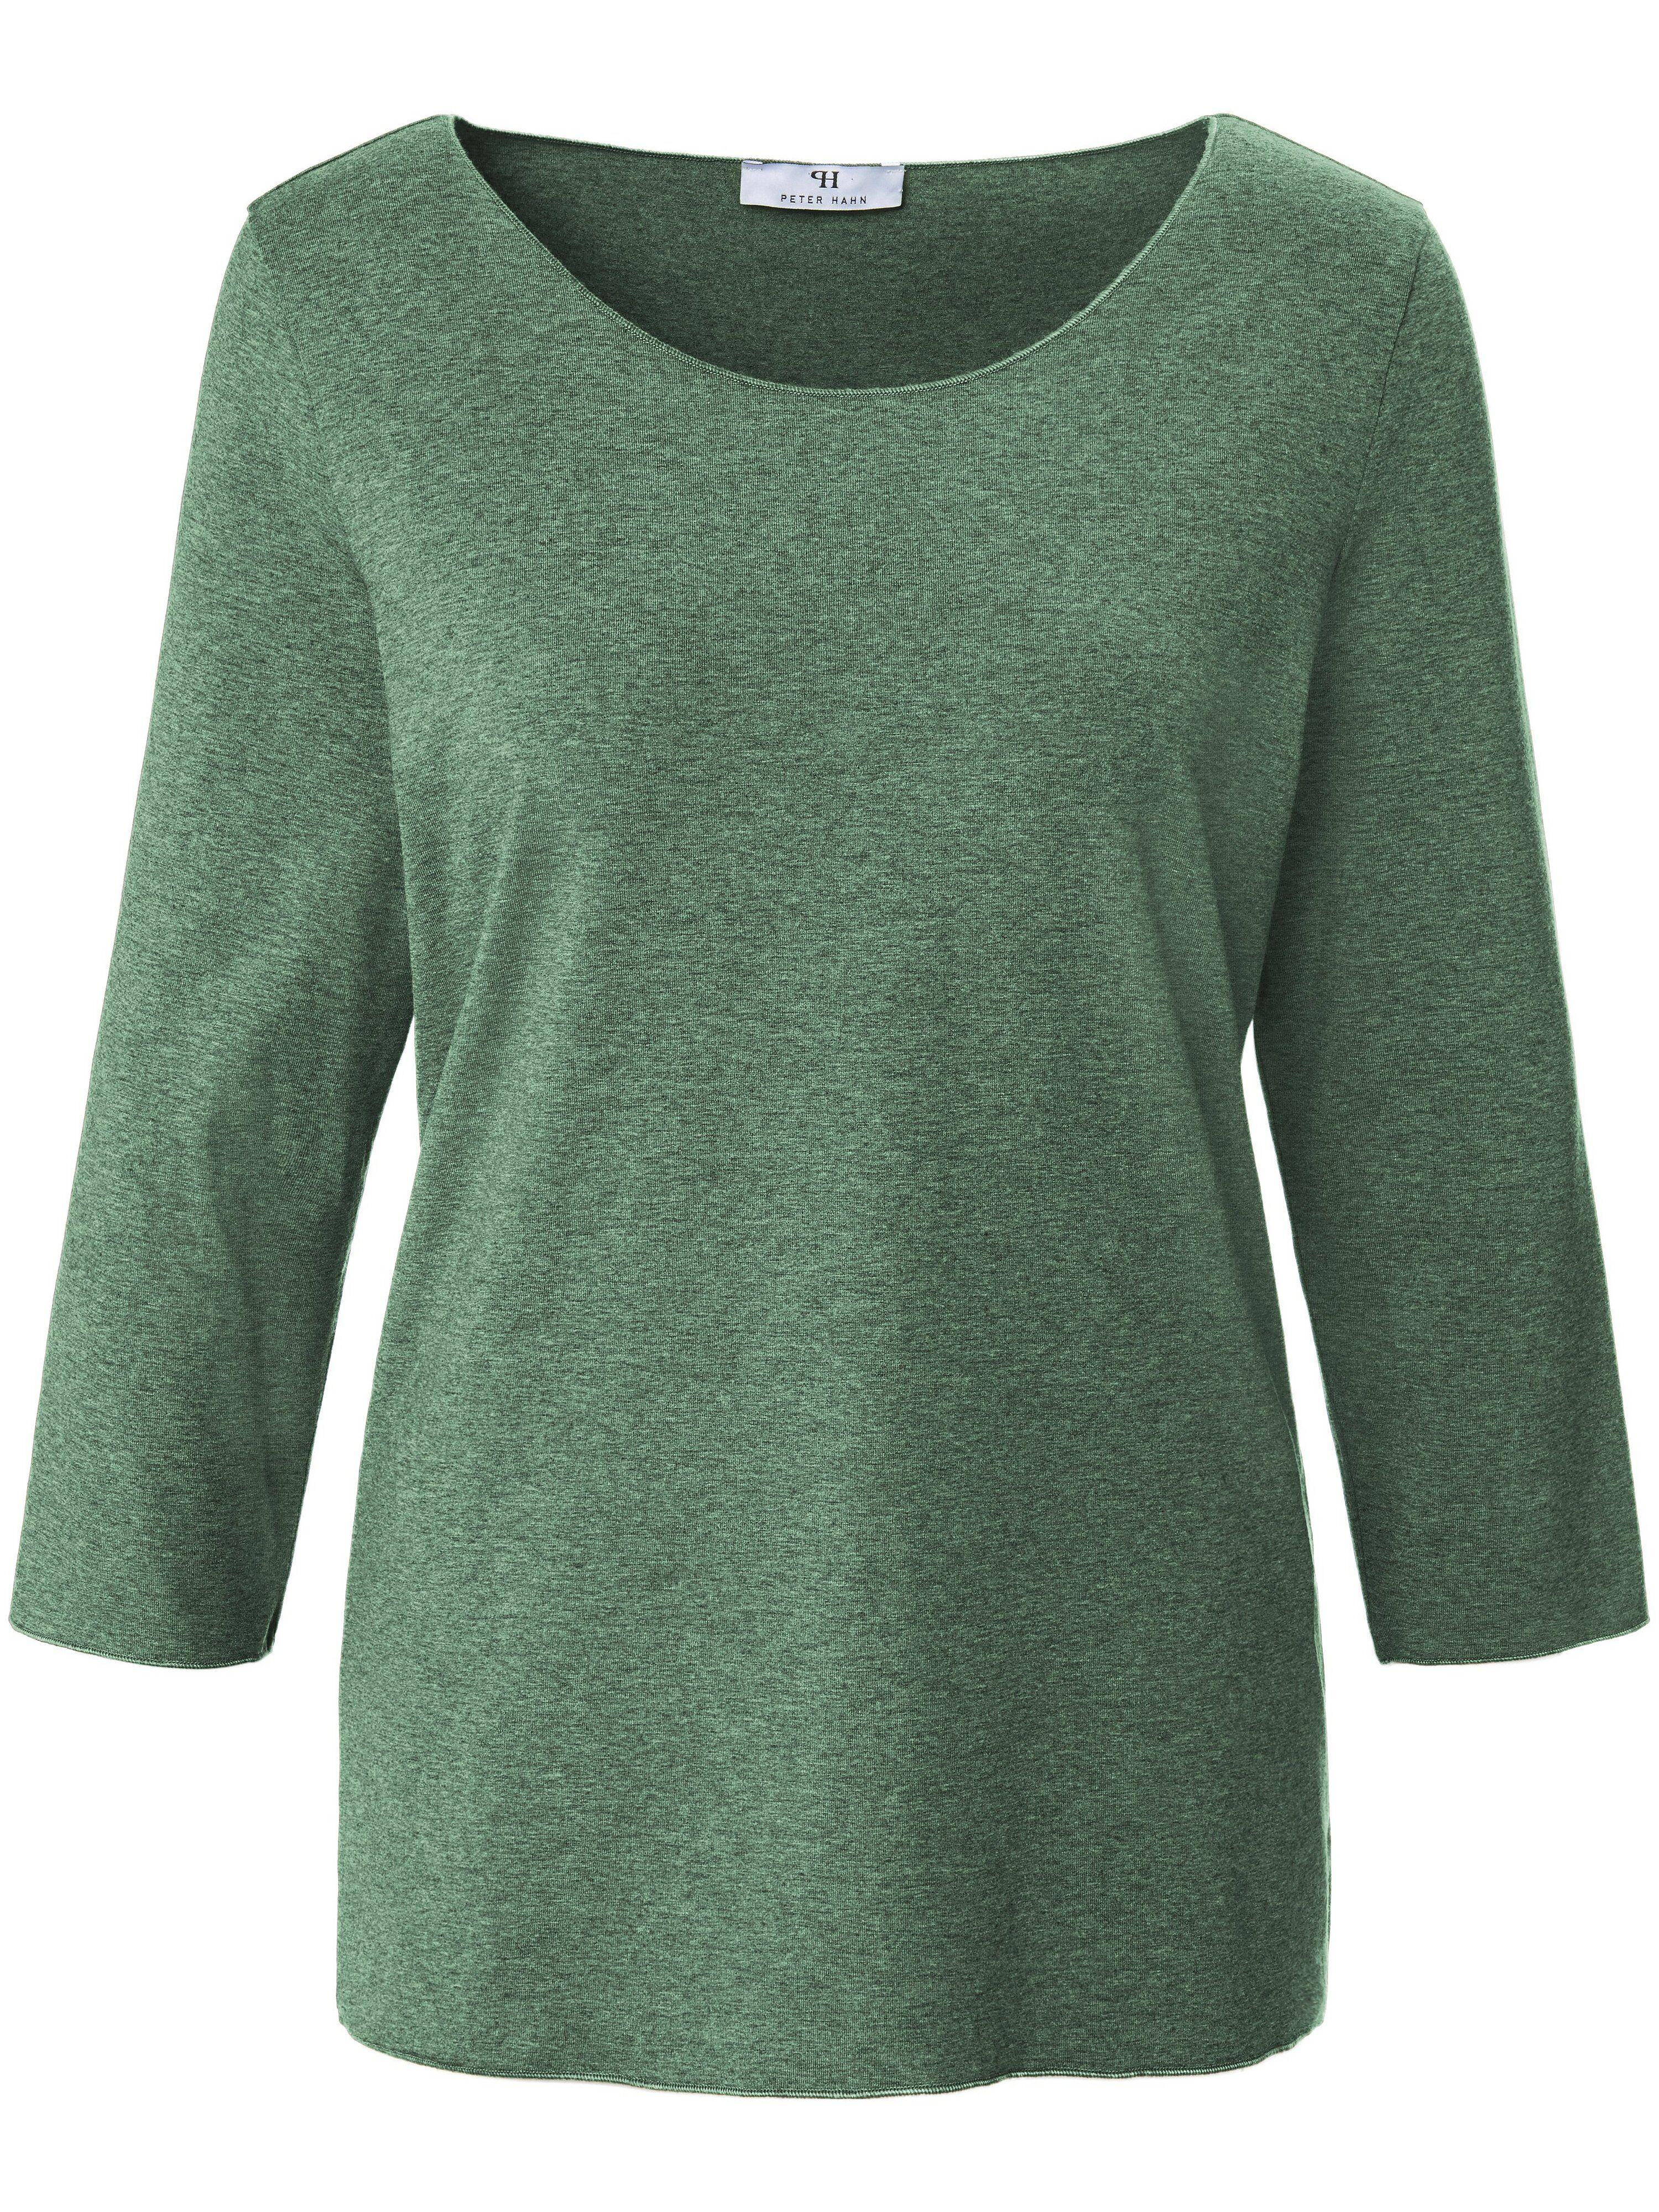 Peter Hahn Le T-shirt manches 3/4  Peter Hahn vert  - Femme - 38